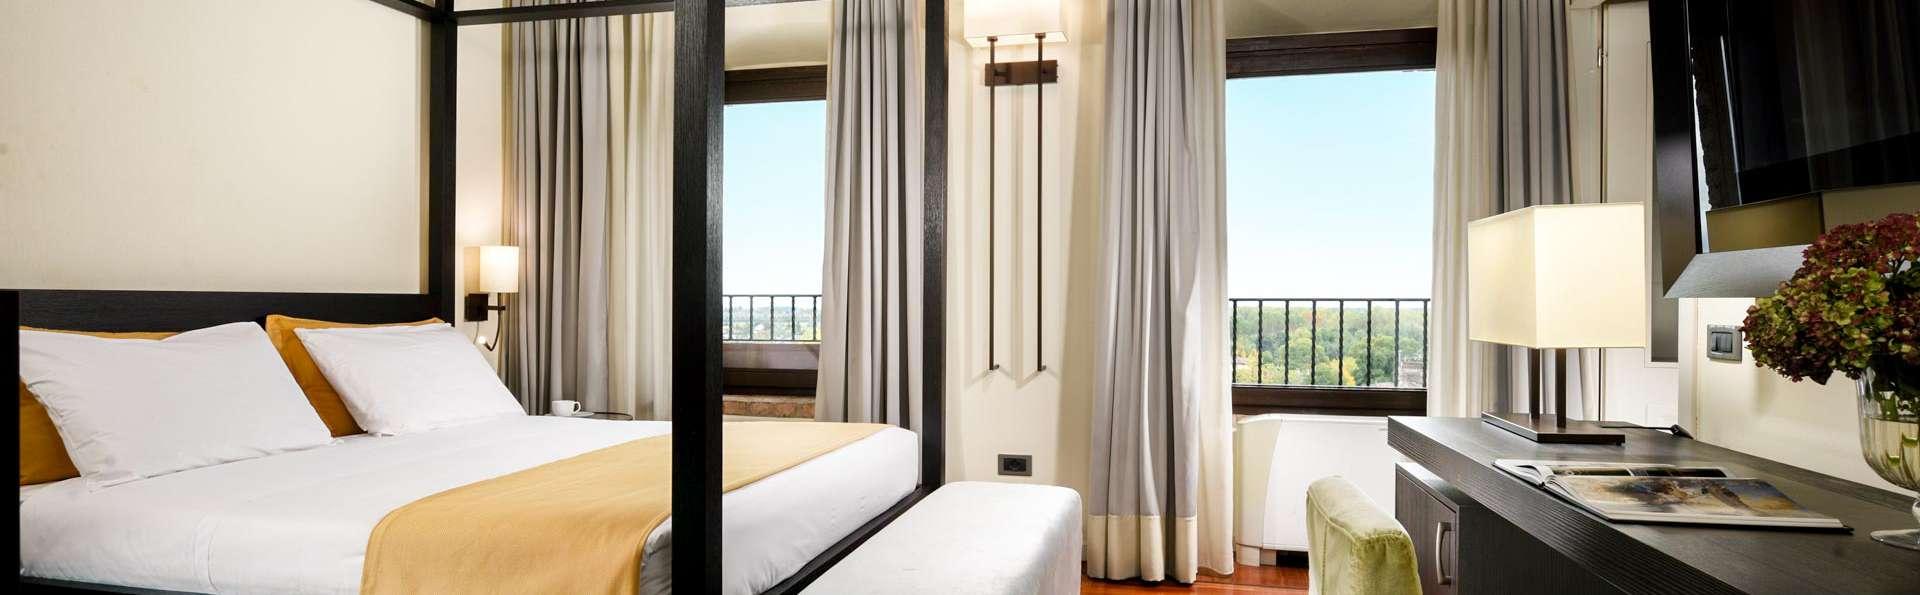 Week-end romantique en chambre supérieure avec Prosecco Valdobbiadene dans votre chambre